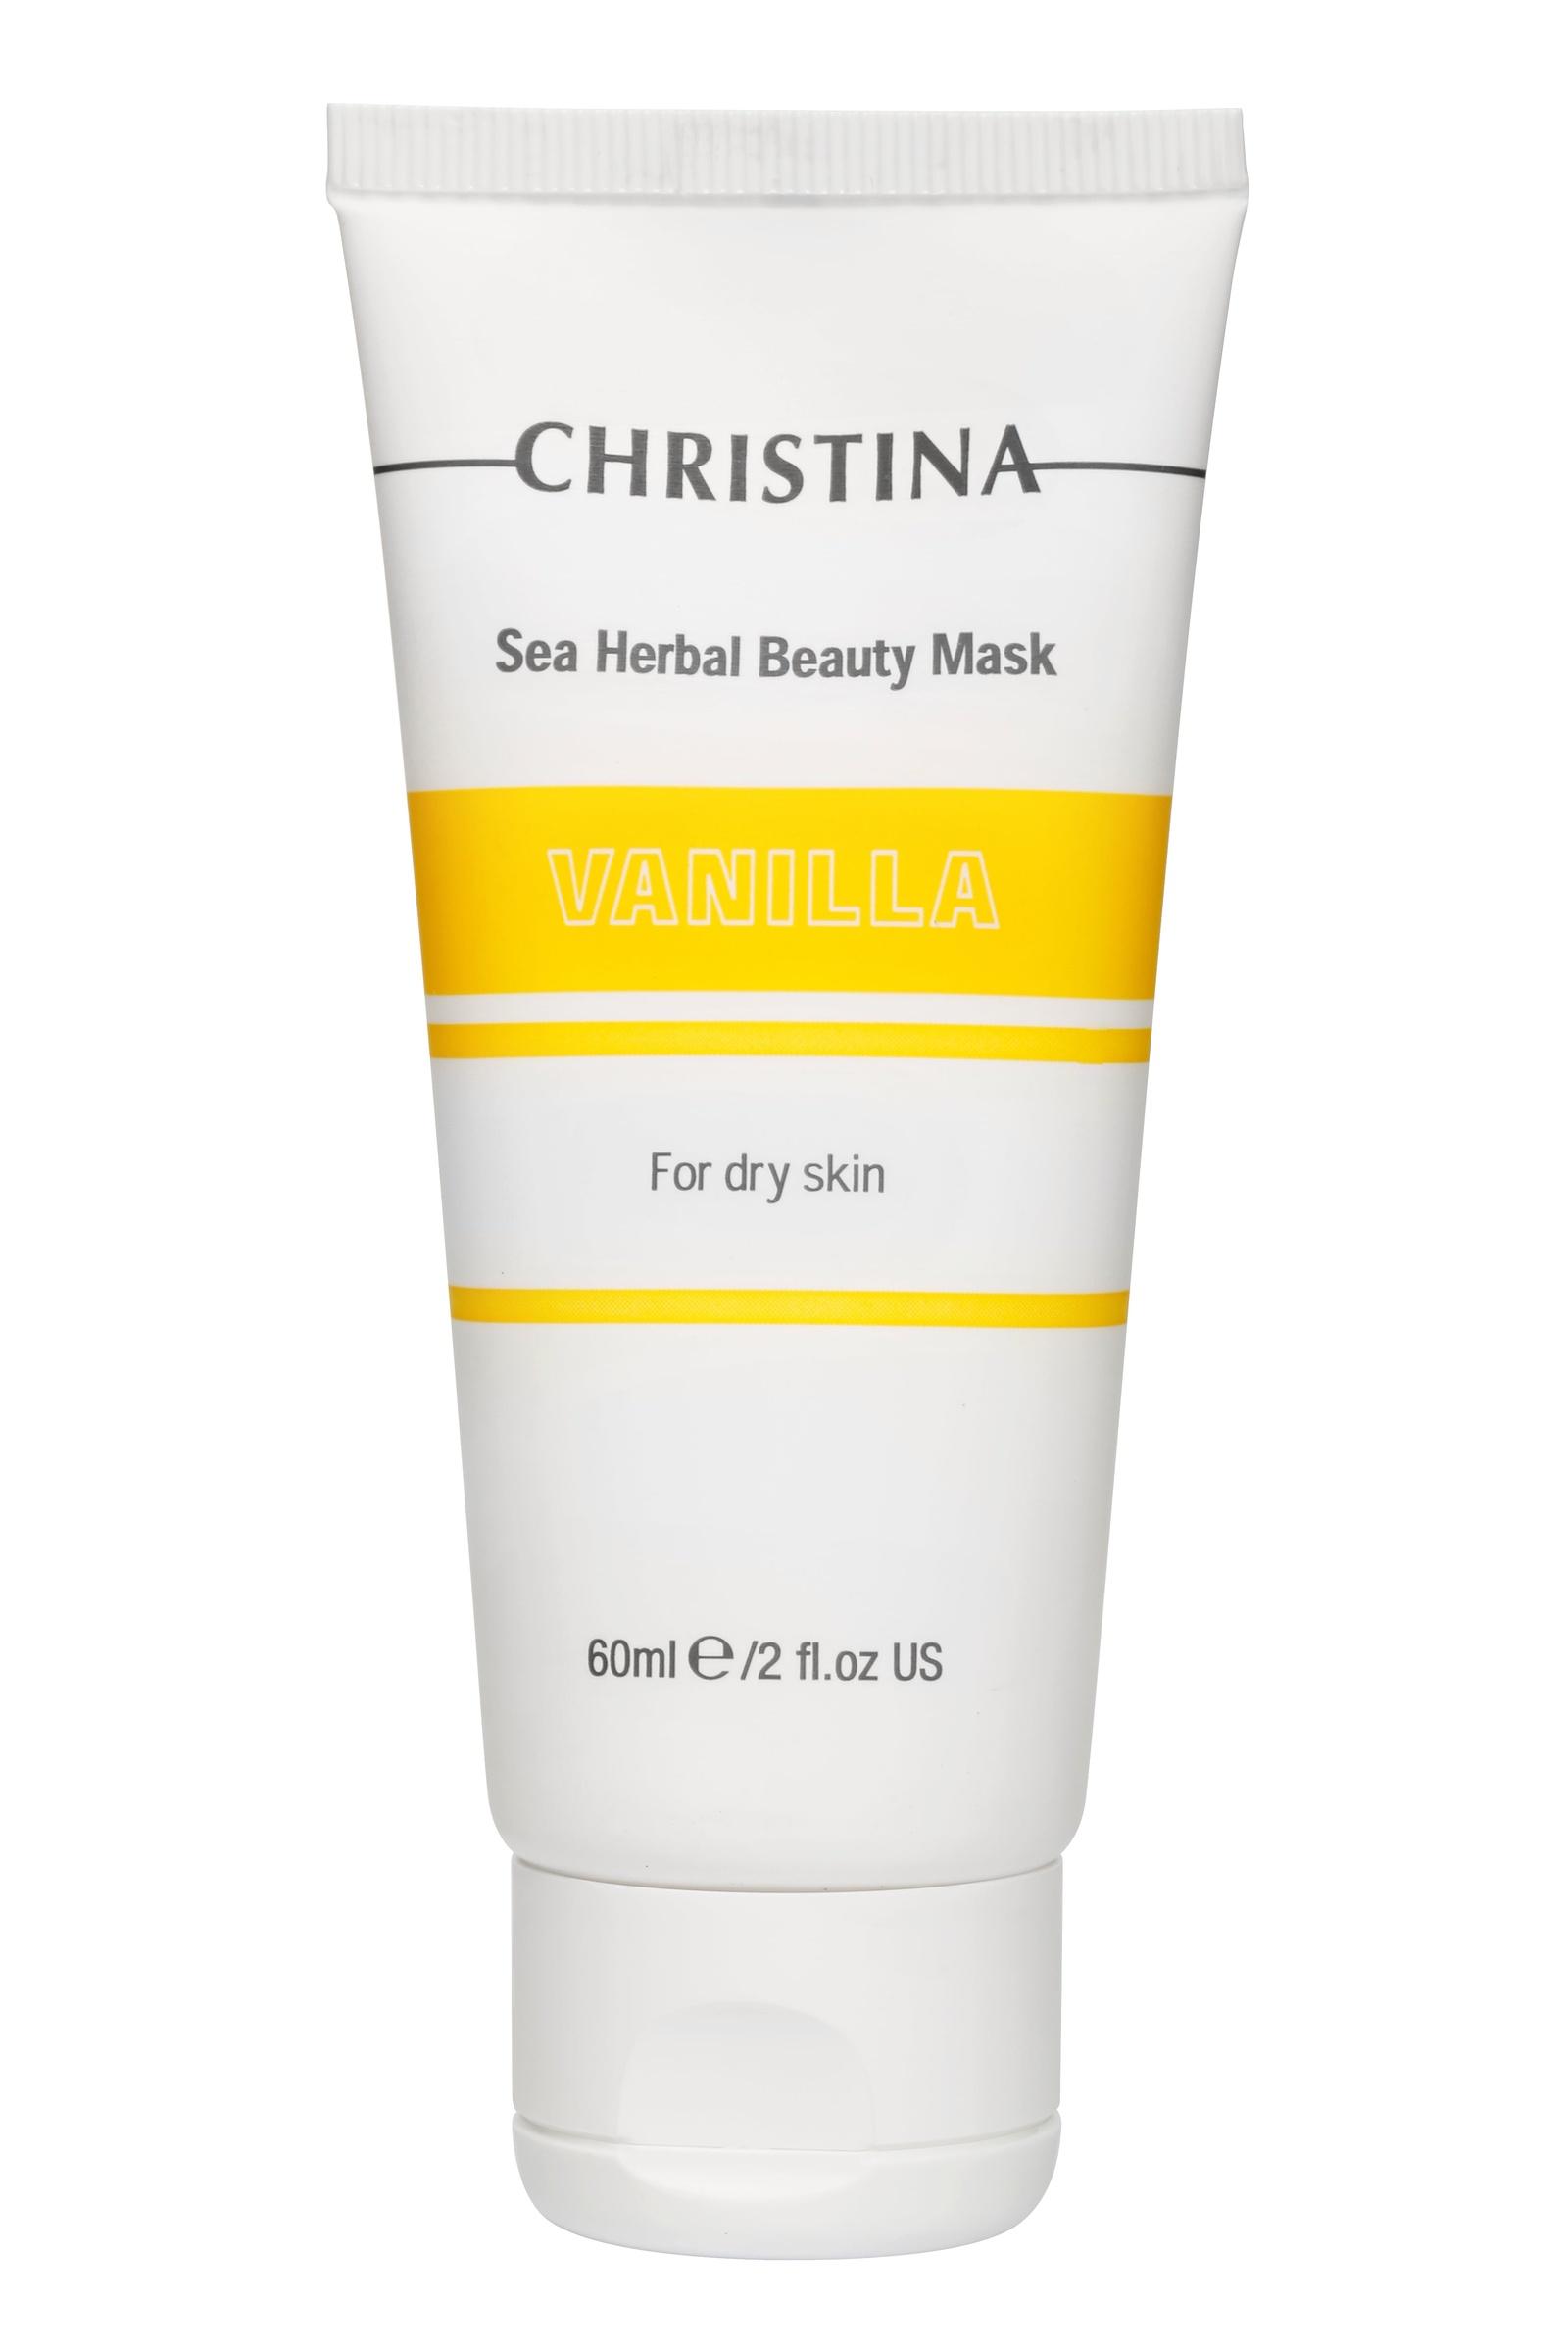 Маска косметическая CHRISTINA Маска красоты для сухой кожи «Ваниль» Sea Herbal Beauty Mask Vanilla for dry skin, 80 christina ванильная маска красоты для сухой кожи sea herbal beauty mask vanilla 60 мл